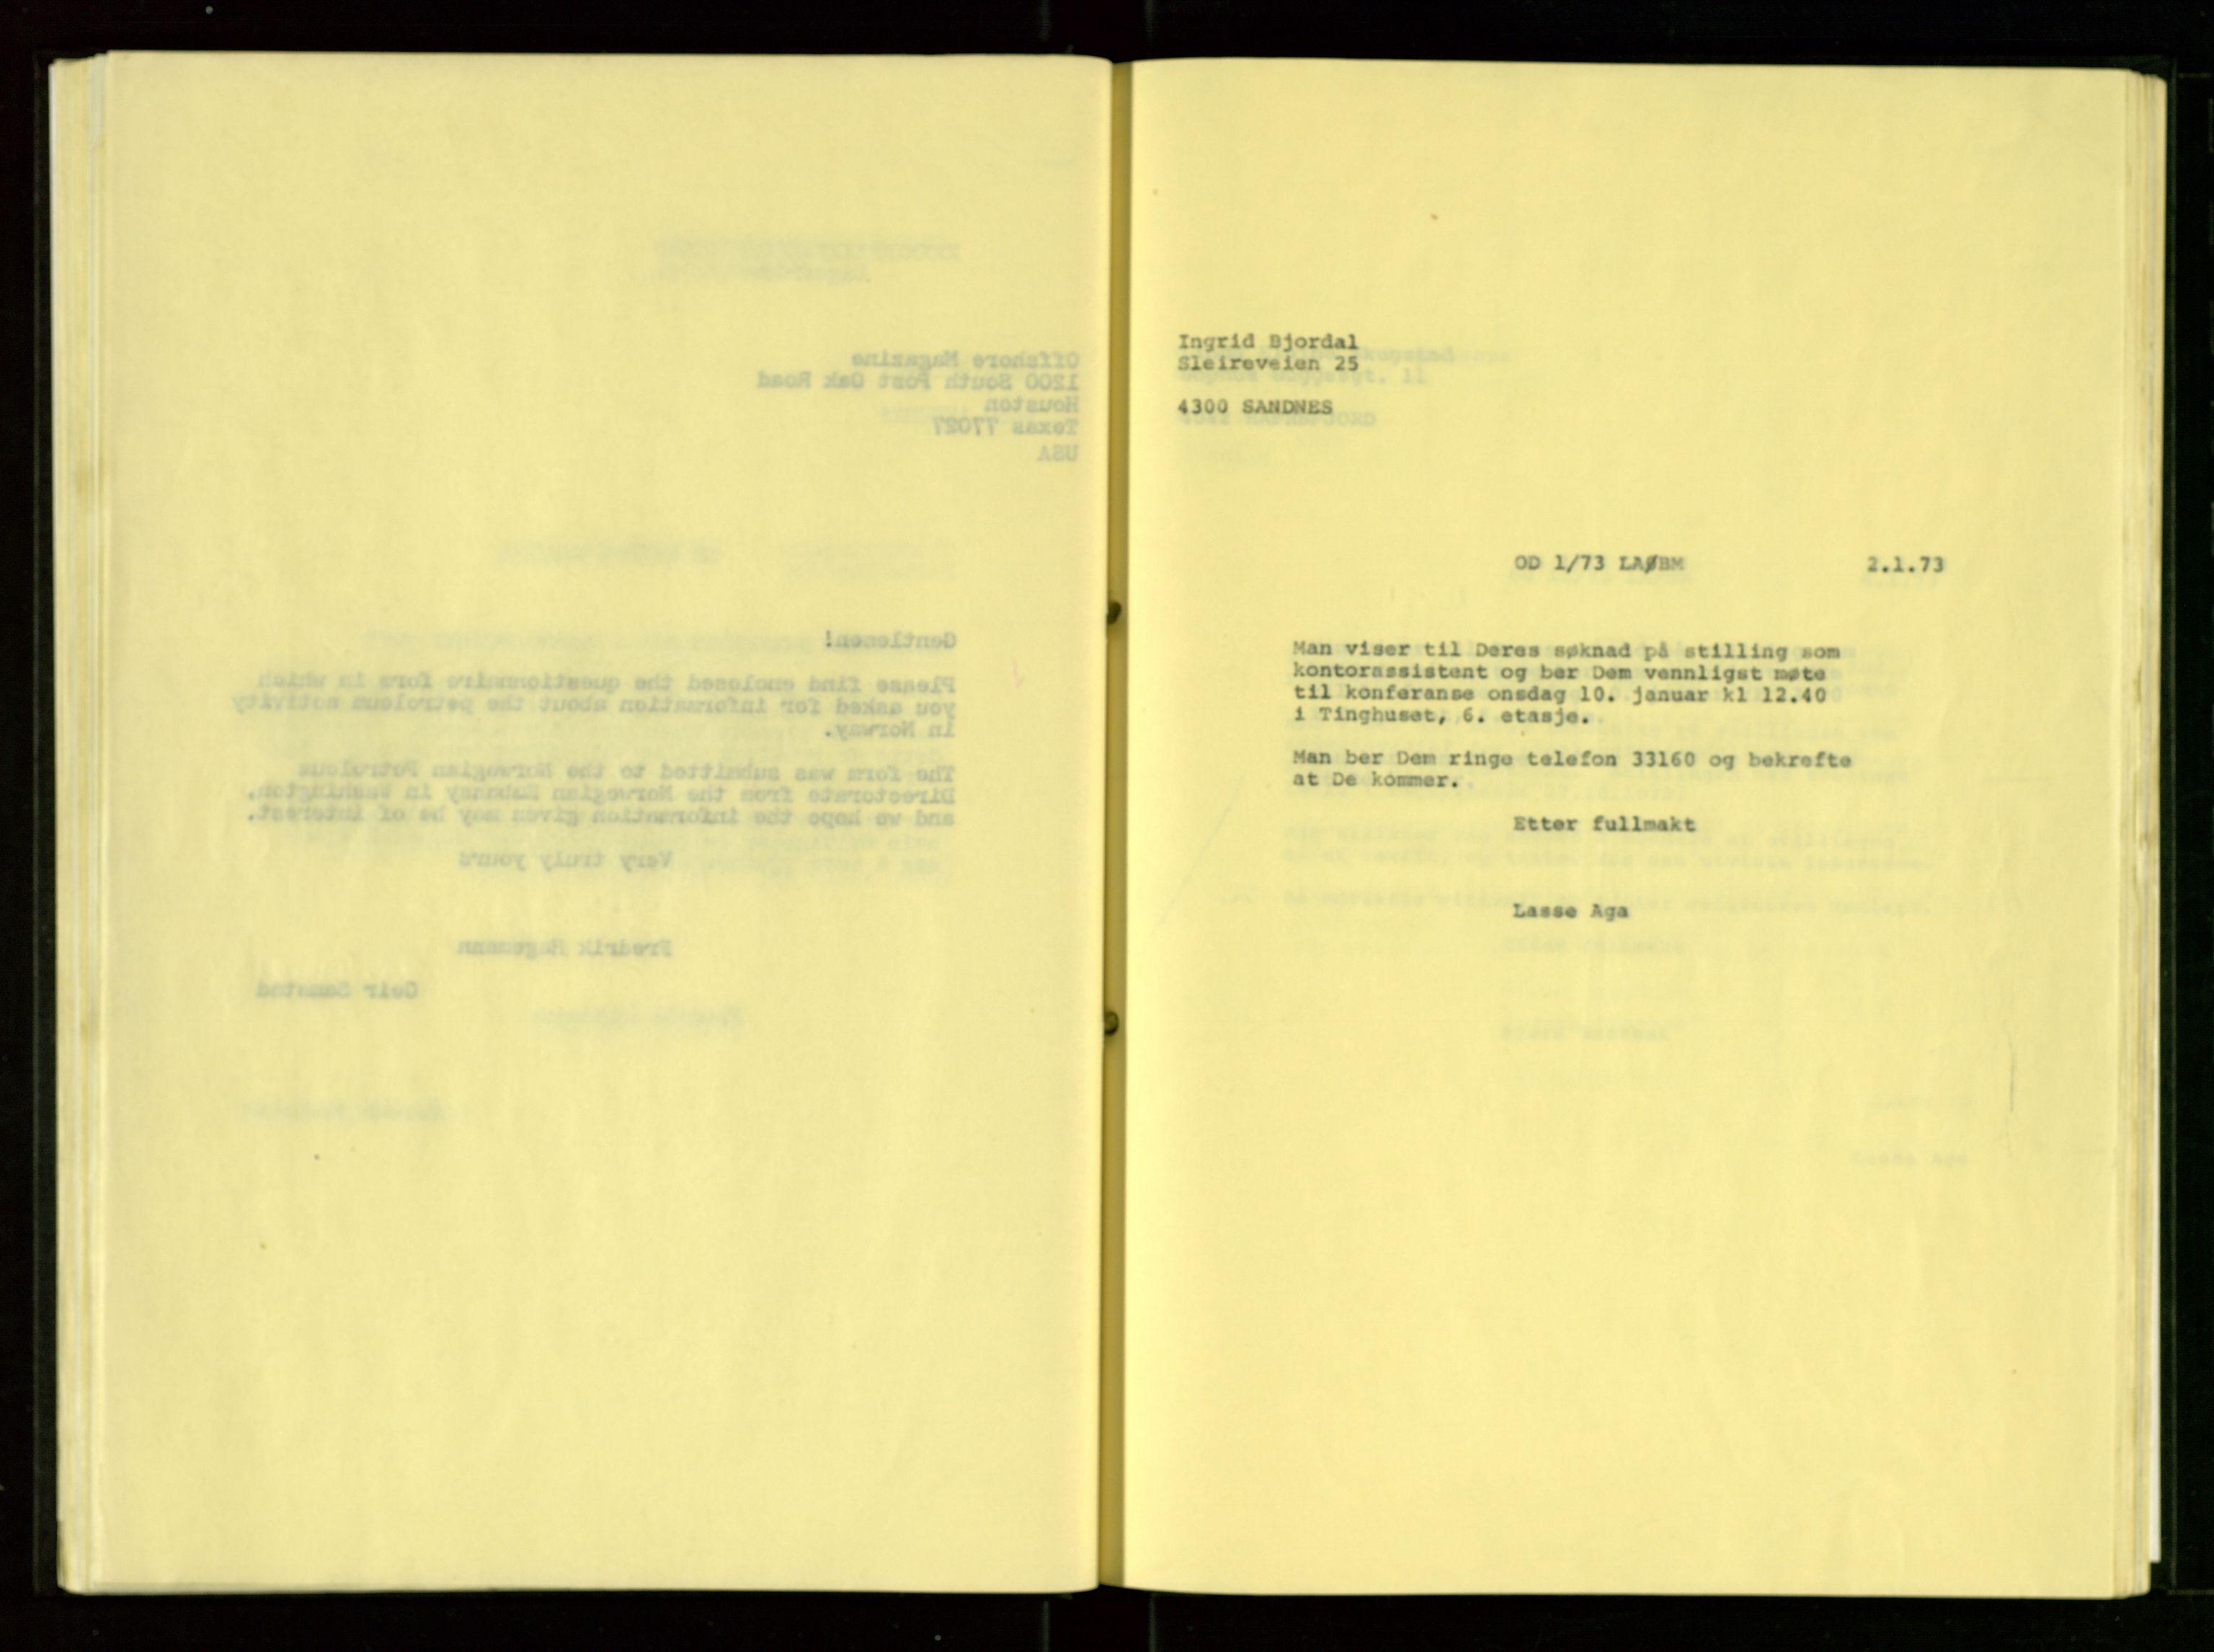 SAST, Oljedirektoratet, Ba/L0001: Kopibok, 1972-1973